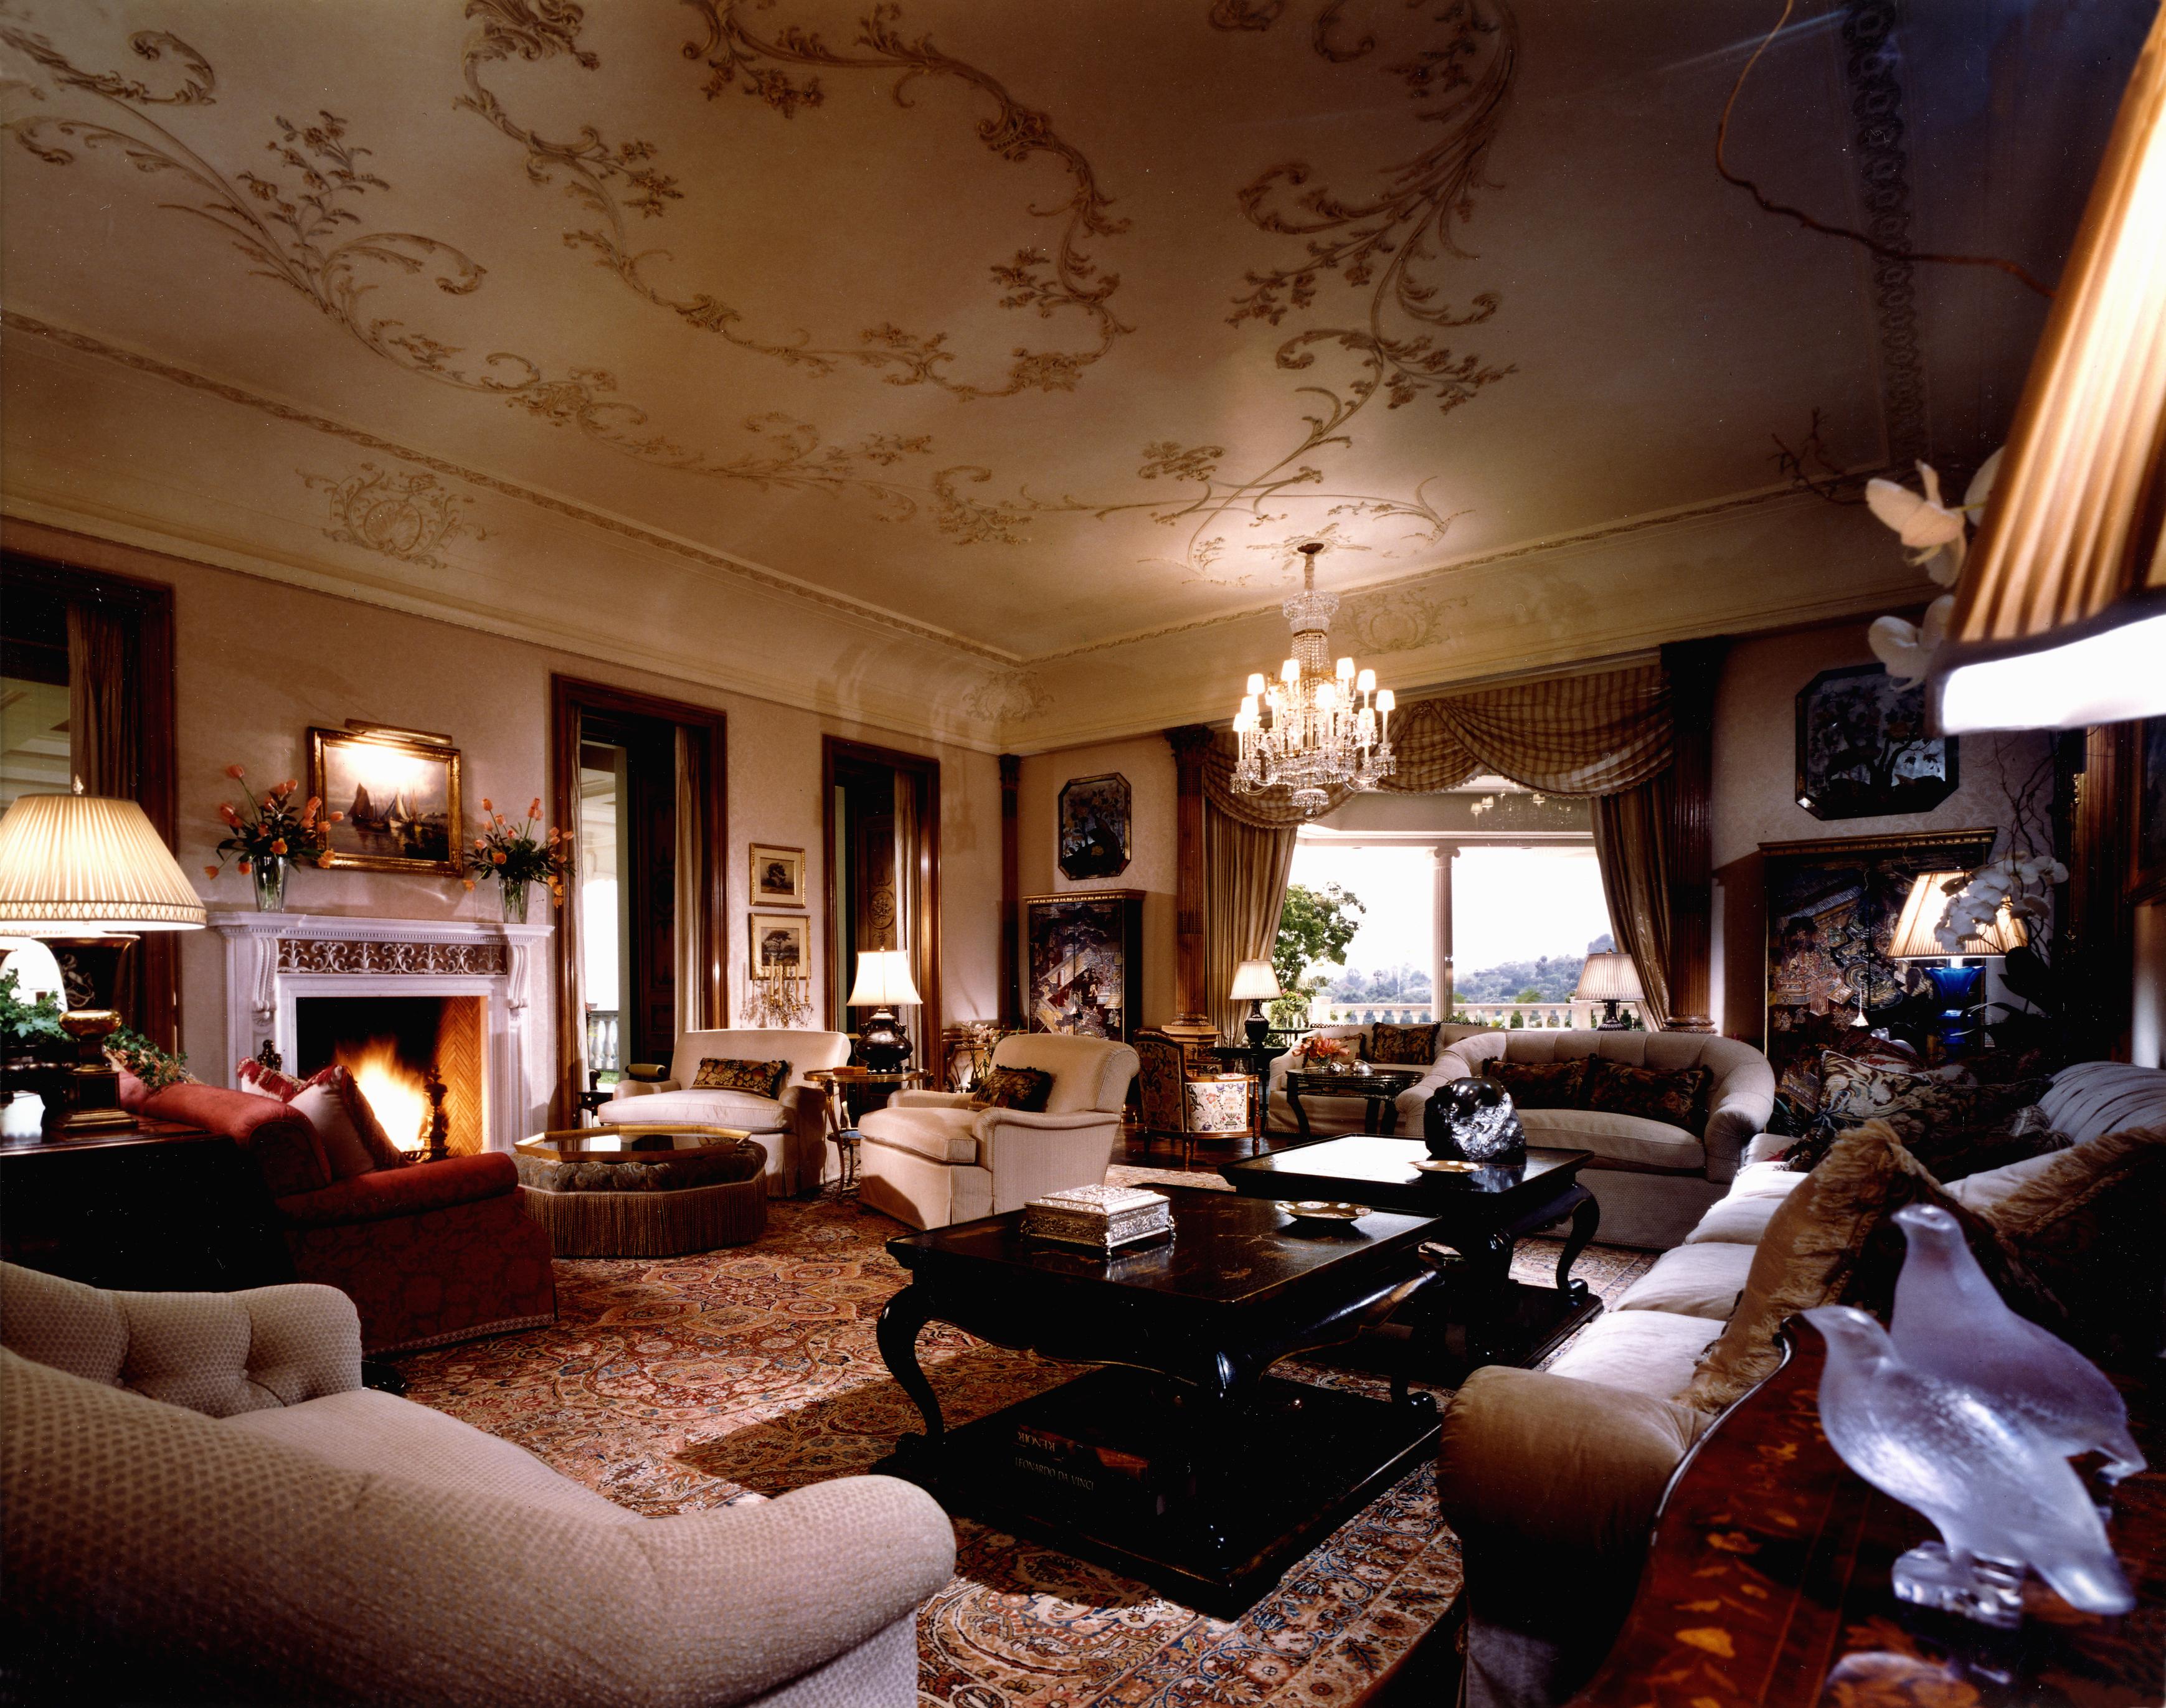 729-Living Room 1.jpg